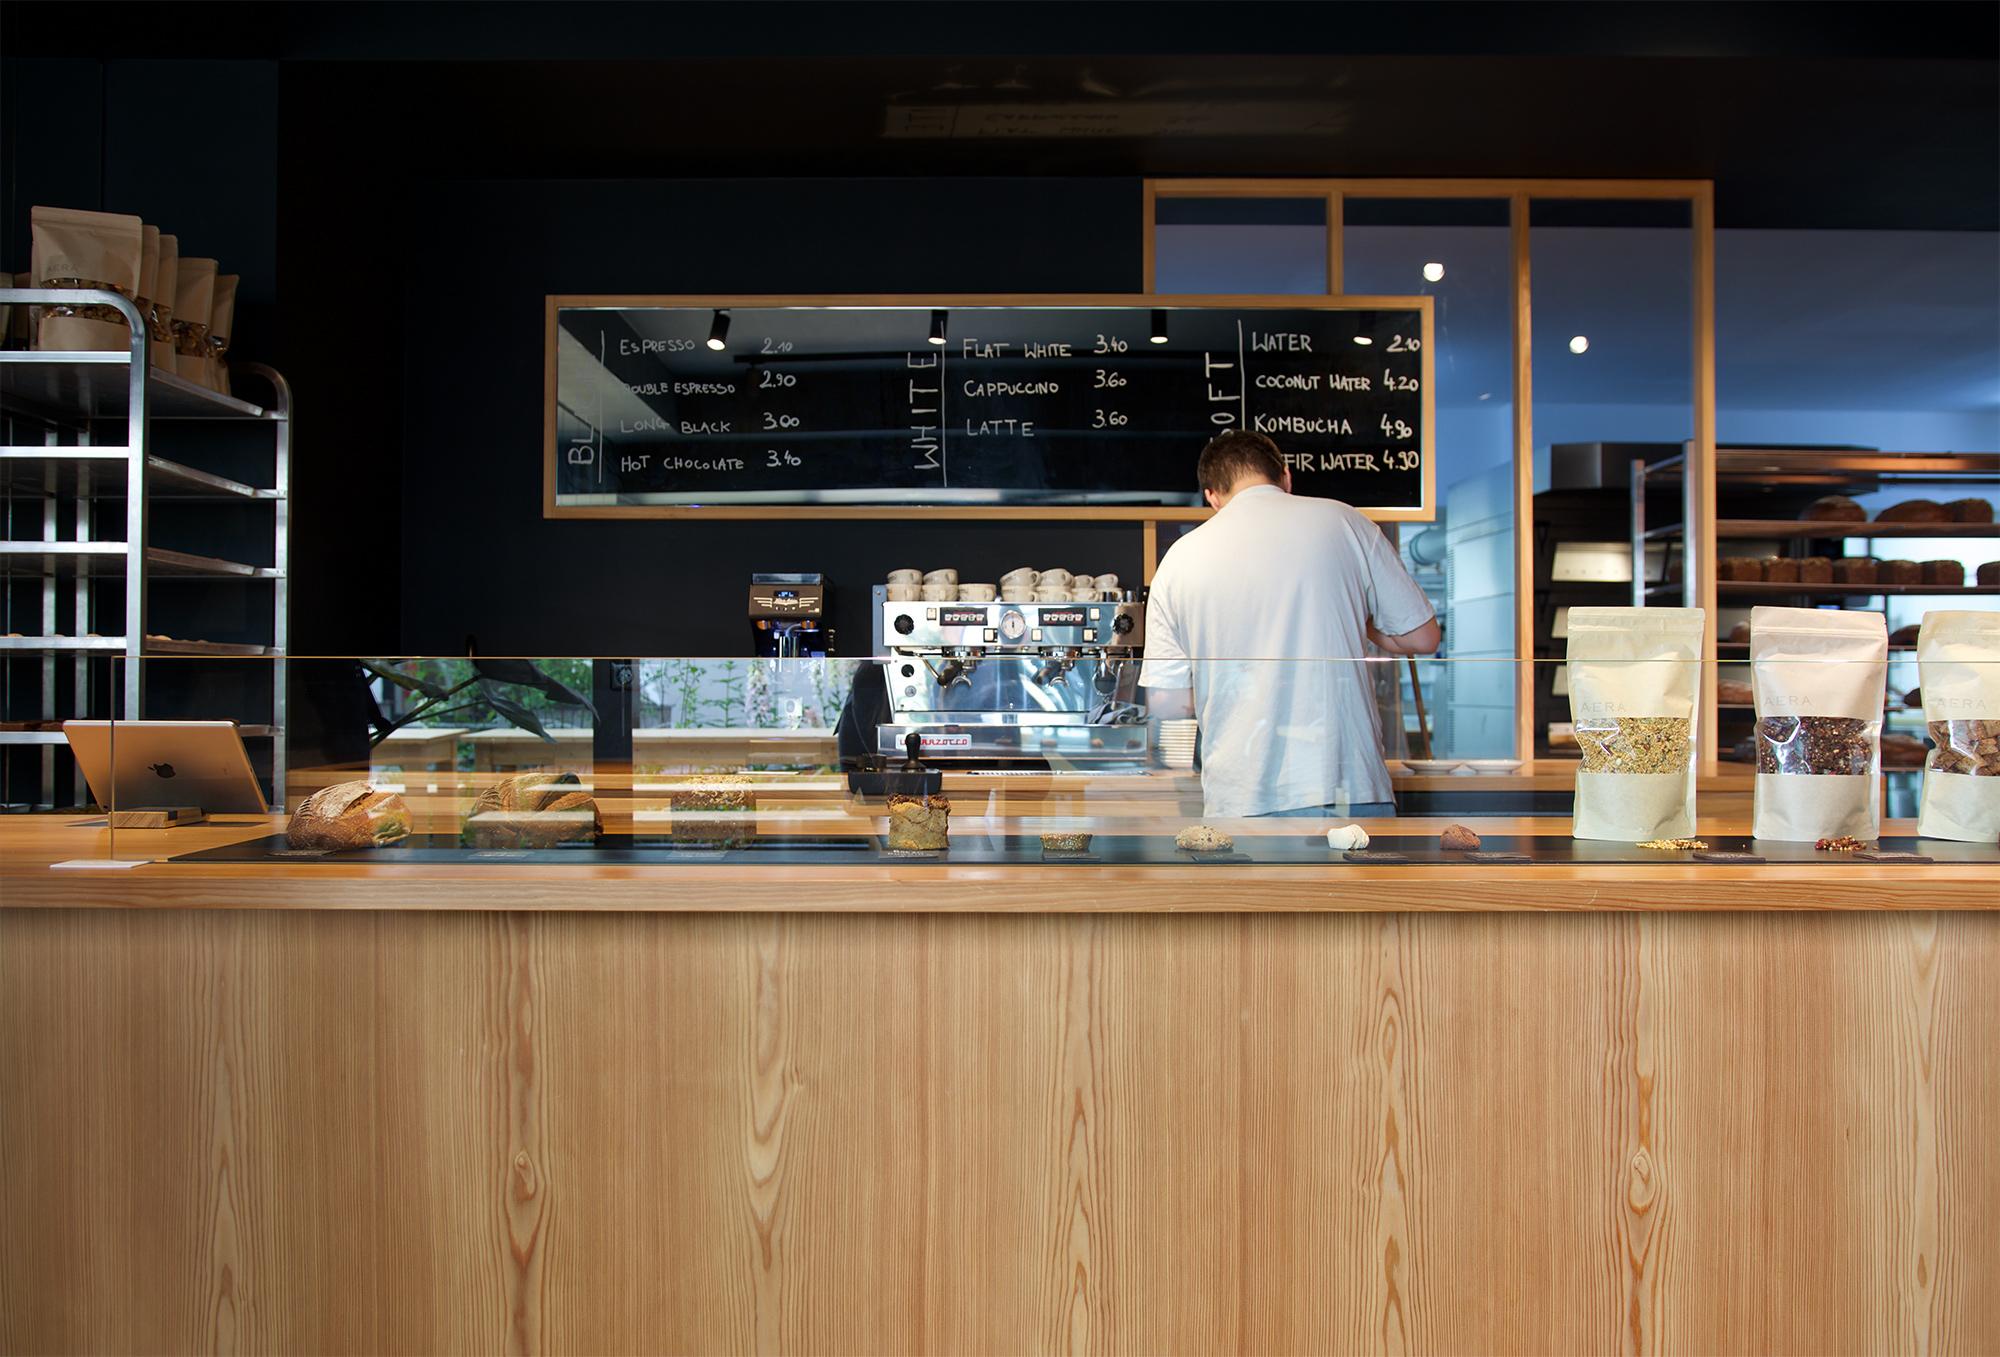 Verkaufstresen aus Lärchenholz in der Bäckerei Aera